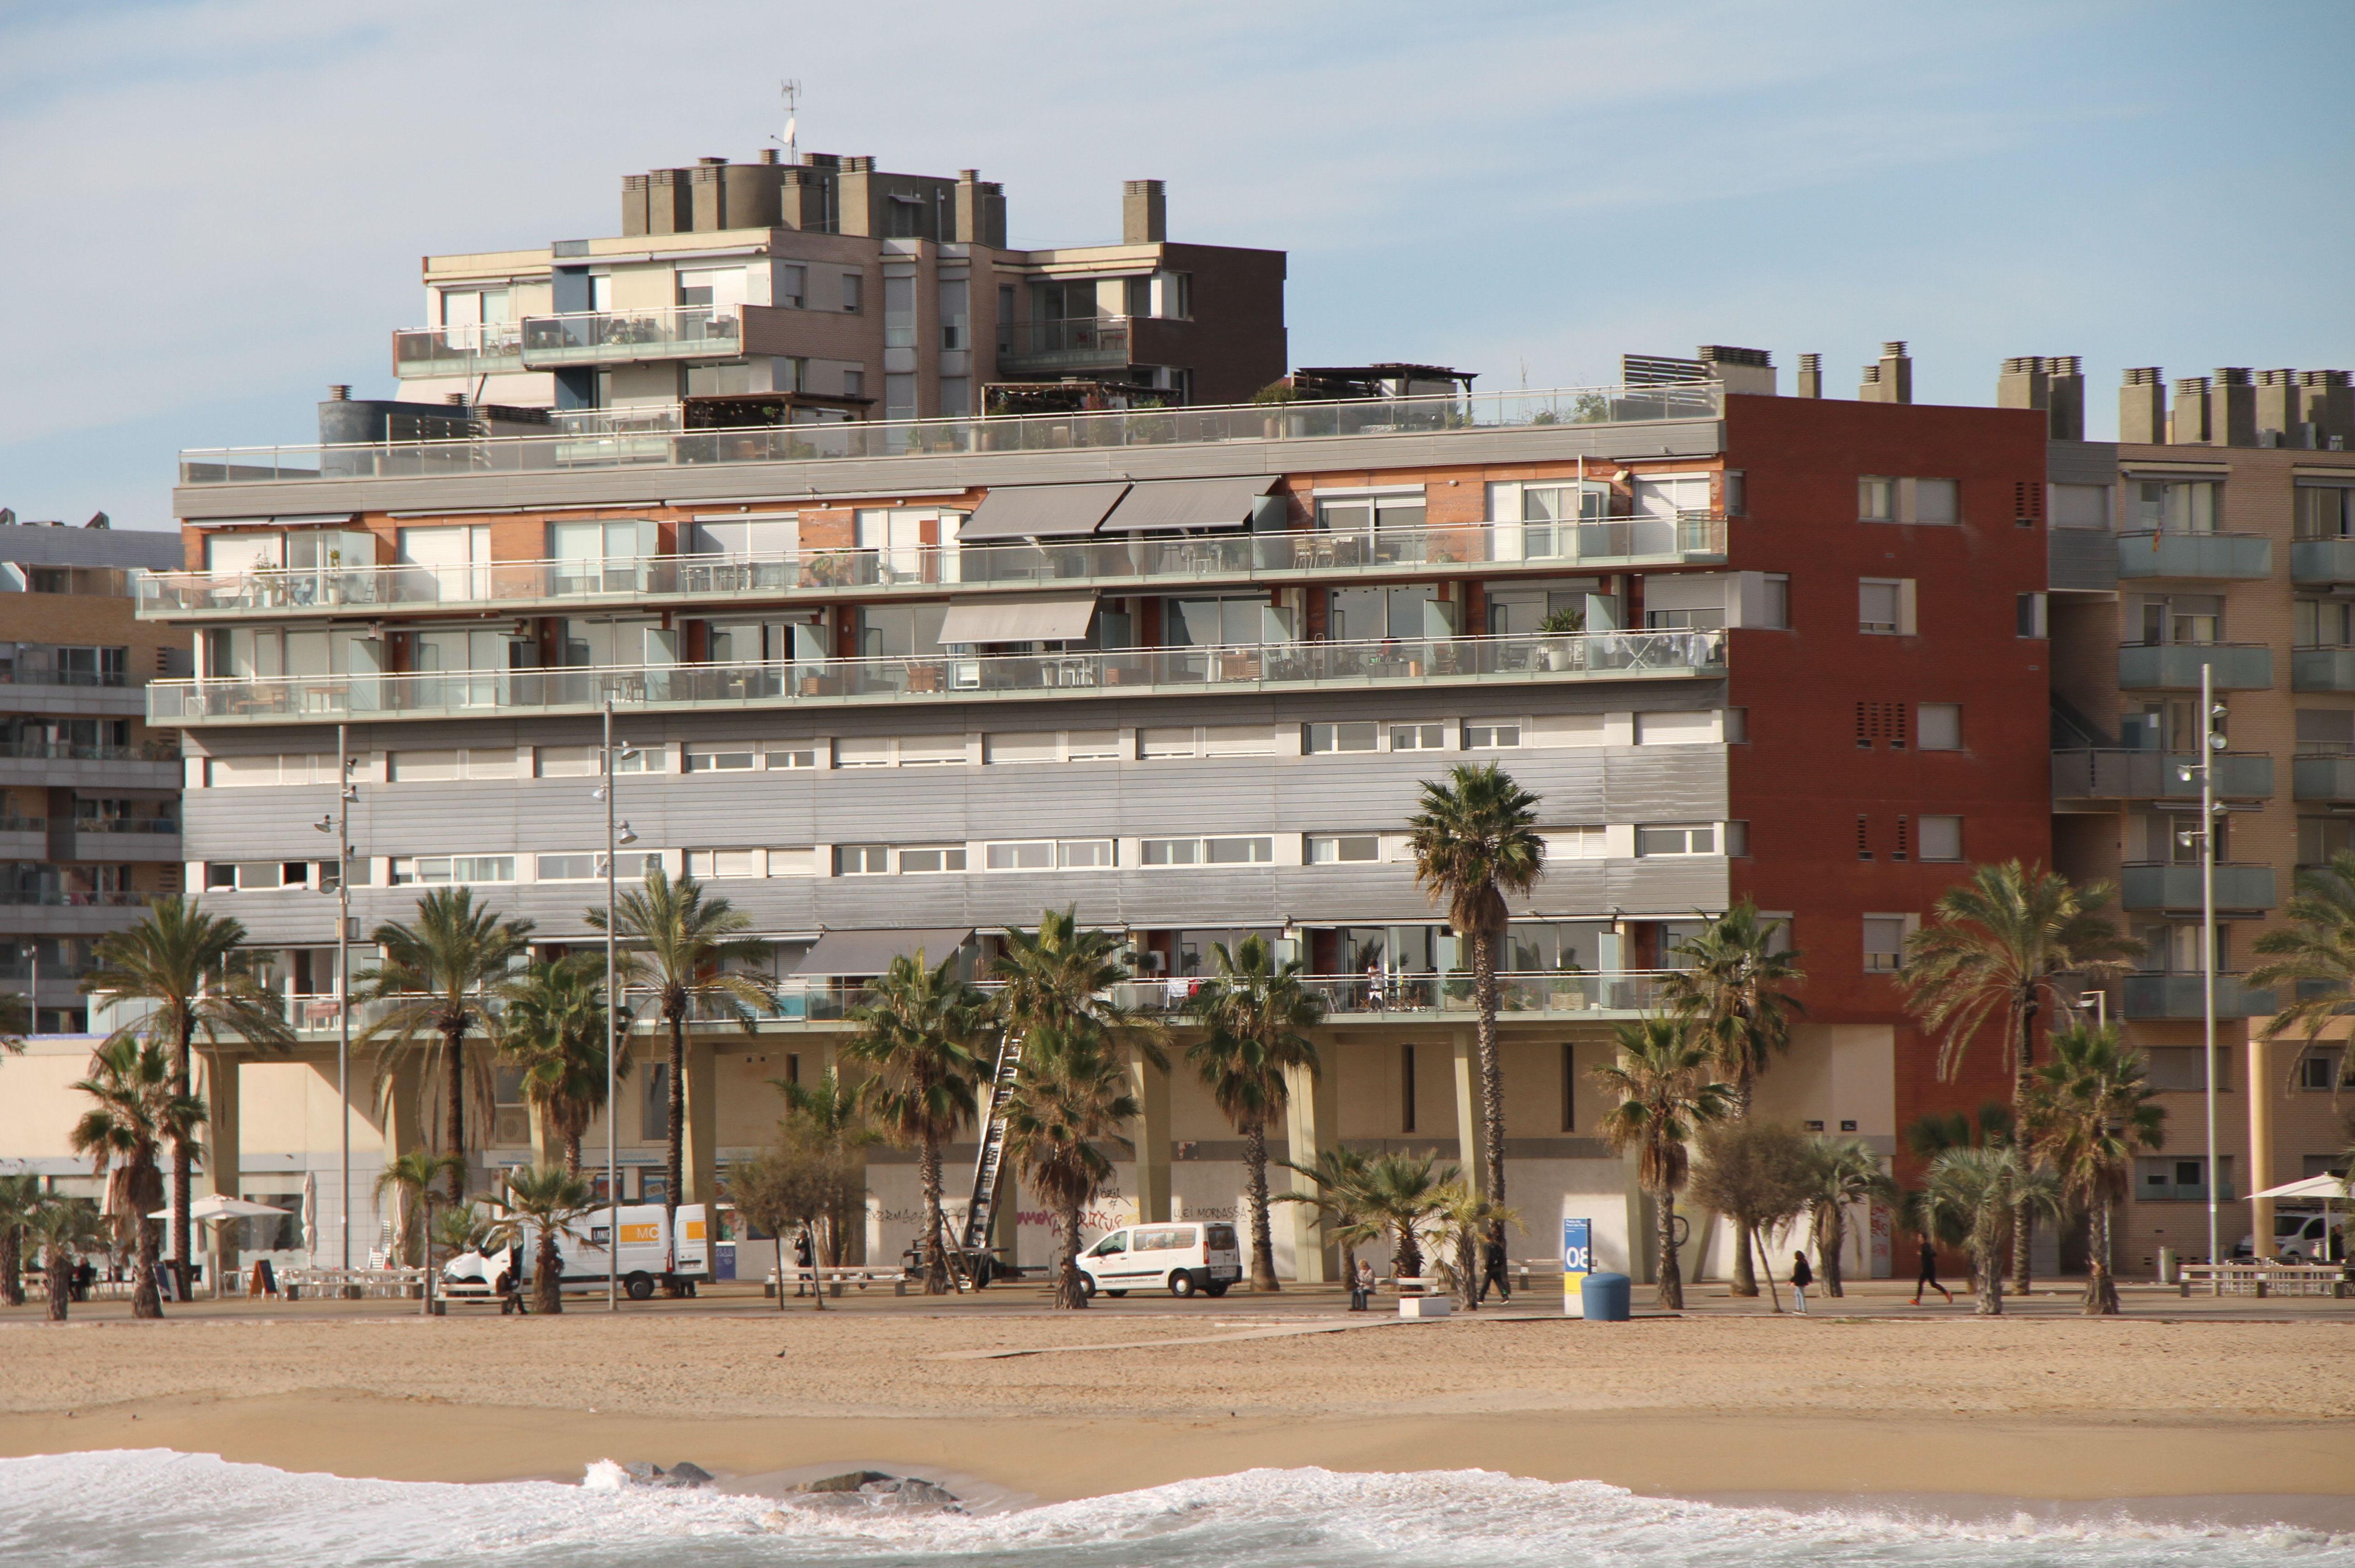 Duplex en la playa de Badalona (Barcelona)  795.000€: Visita nuestras inmuebles de Bertinsa Real Estate, Investments & Sale Services